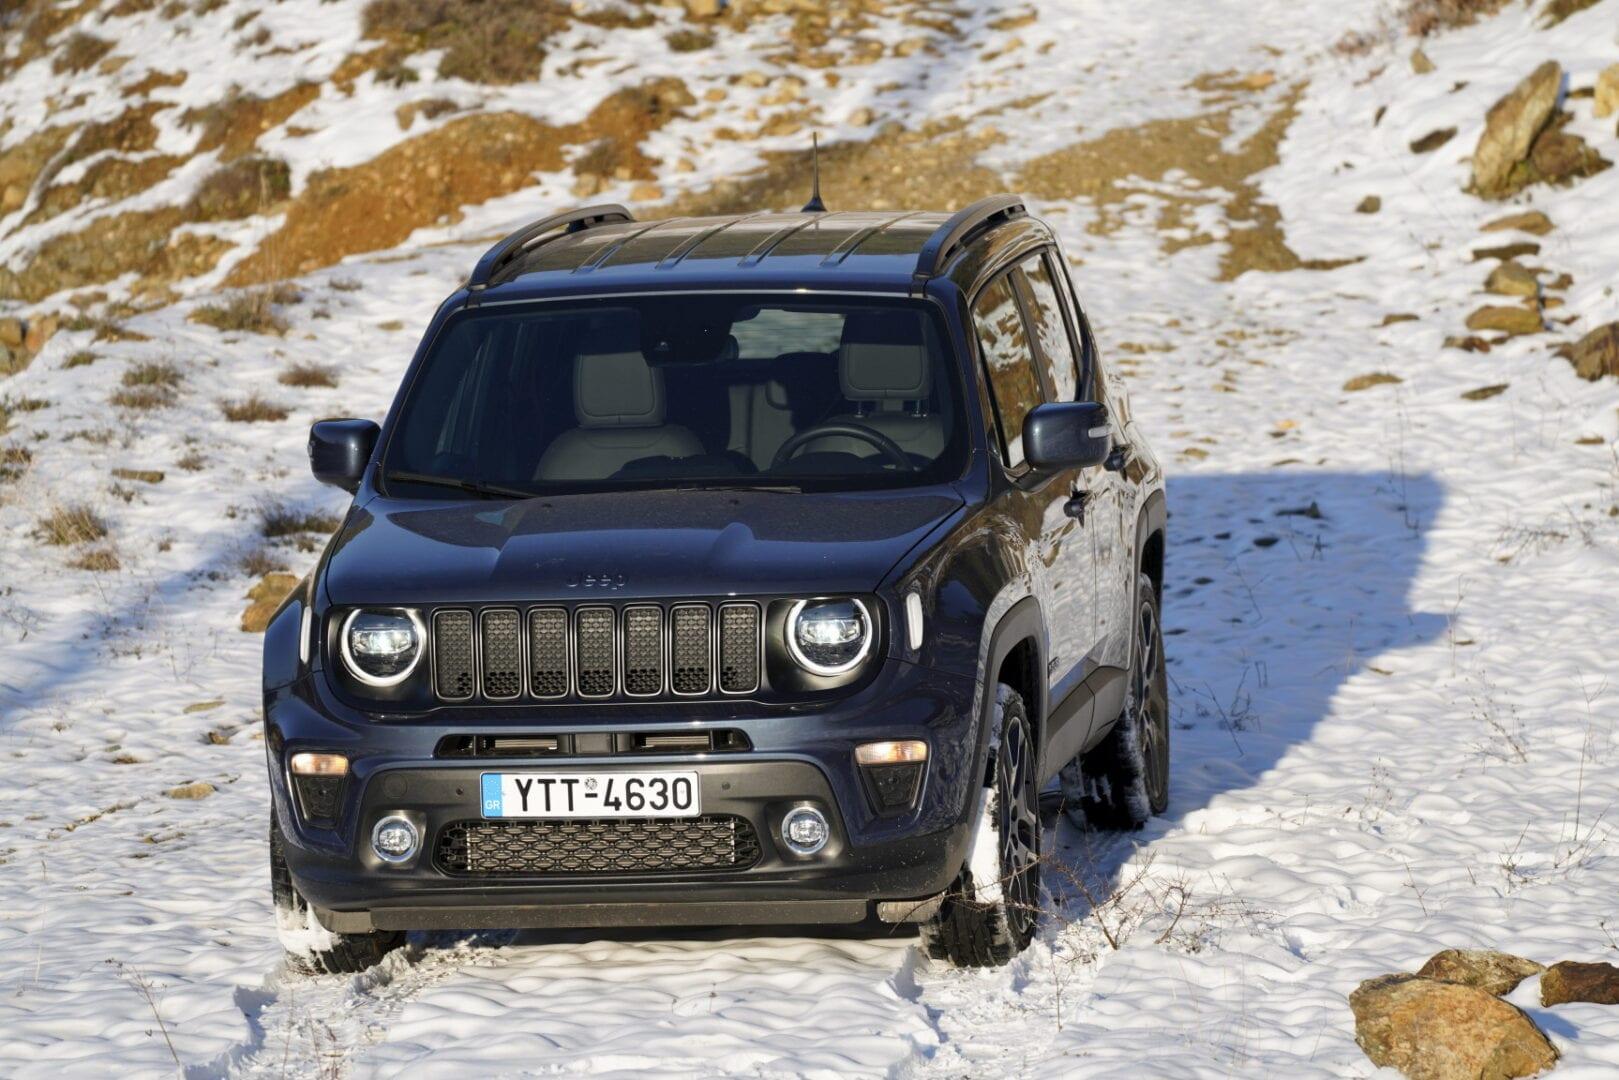 Δοκιμή – Τα νέα Jeep Renegade 4xe & Compass 4xe Plug-in Hybrid